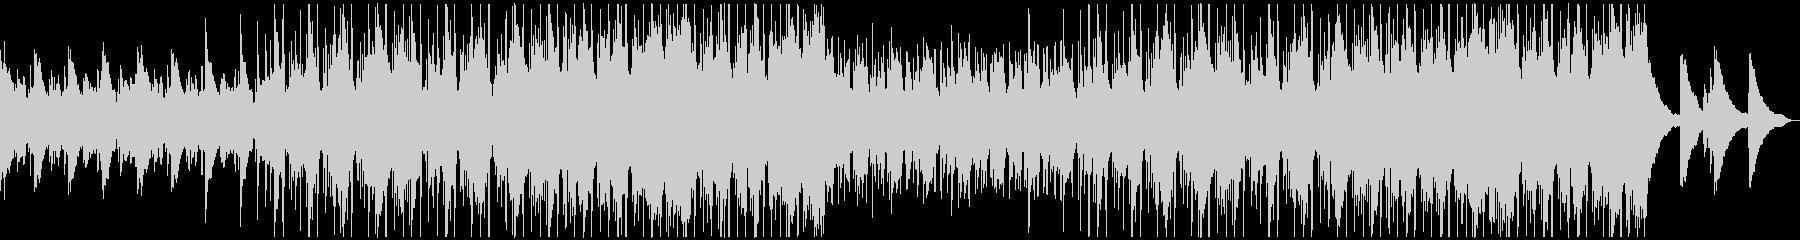 切ない ピアノ R&Bの未再生の波形